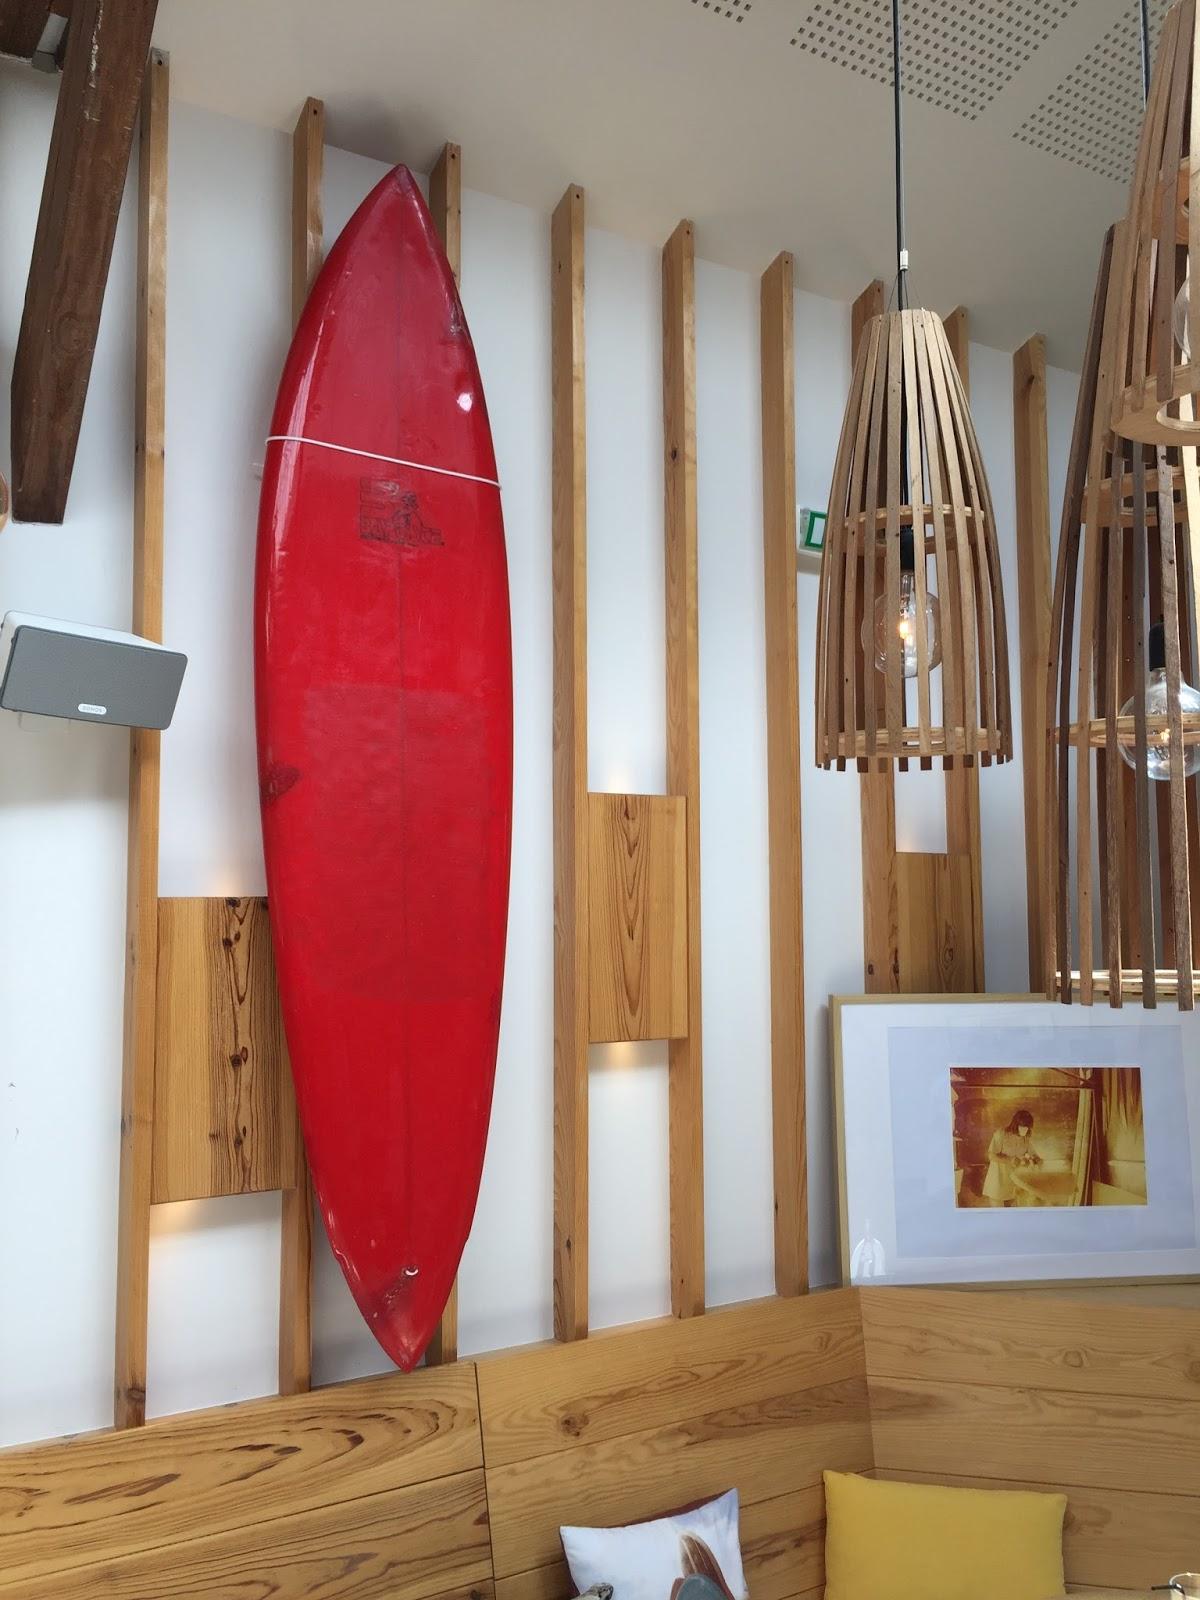 Surf france collection baptiste expo au moulleau - Les pins du moulleau ...